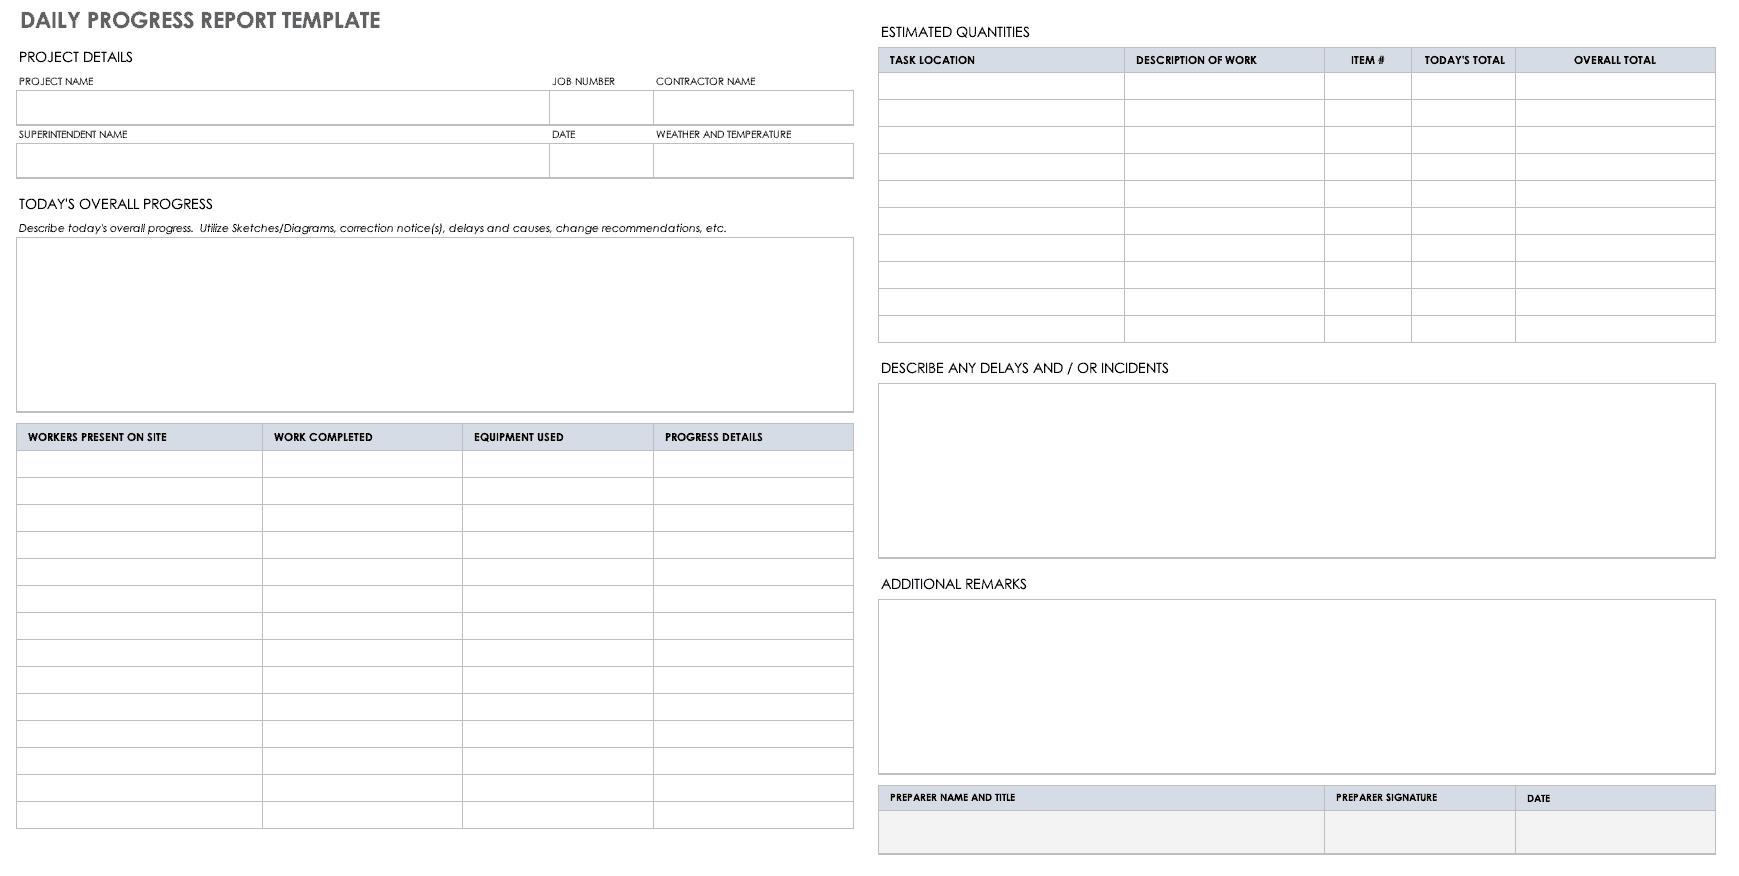 Free Project Report Templates   Smartsheet Regarding Progress Report Template Doc